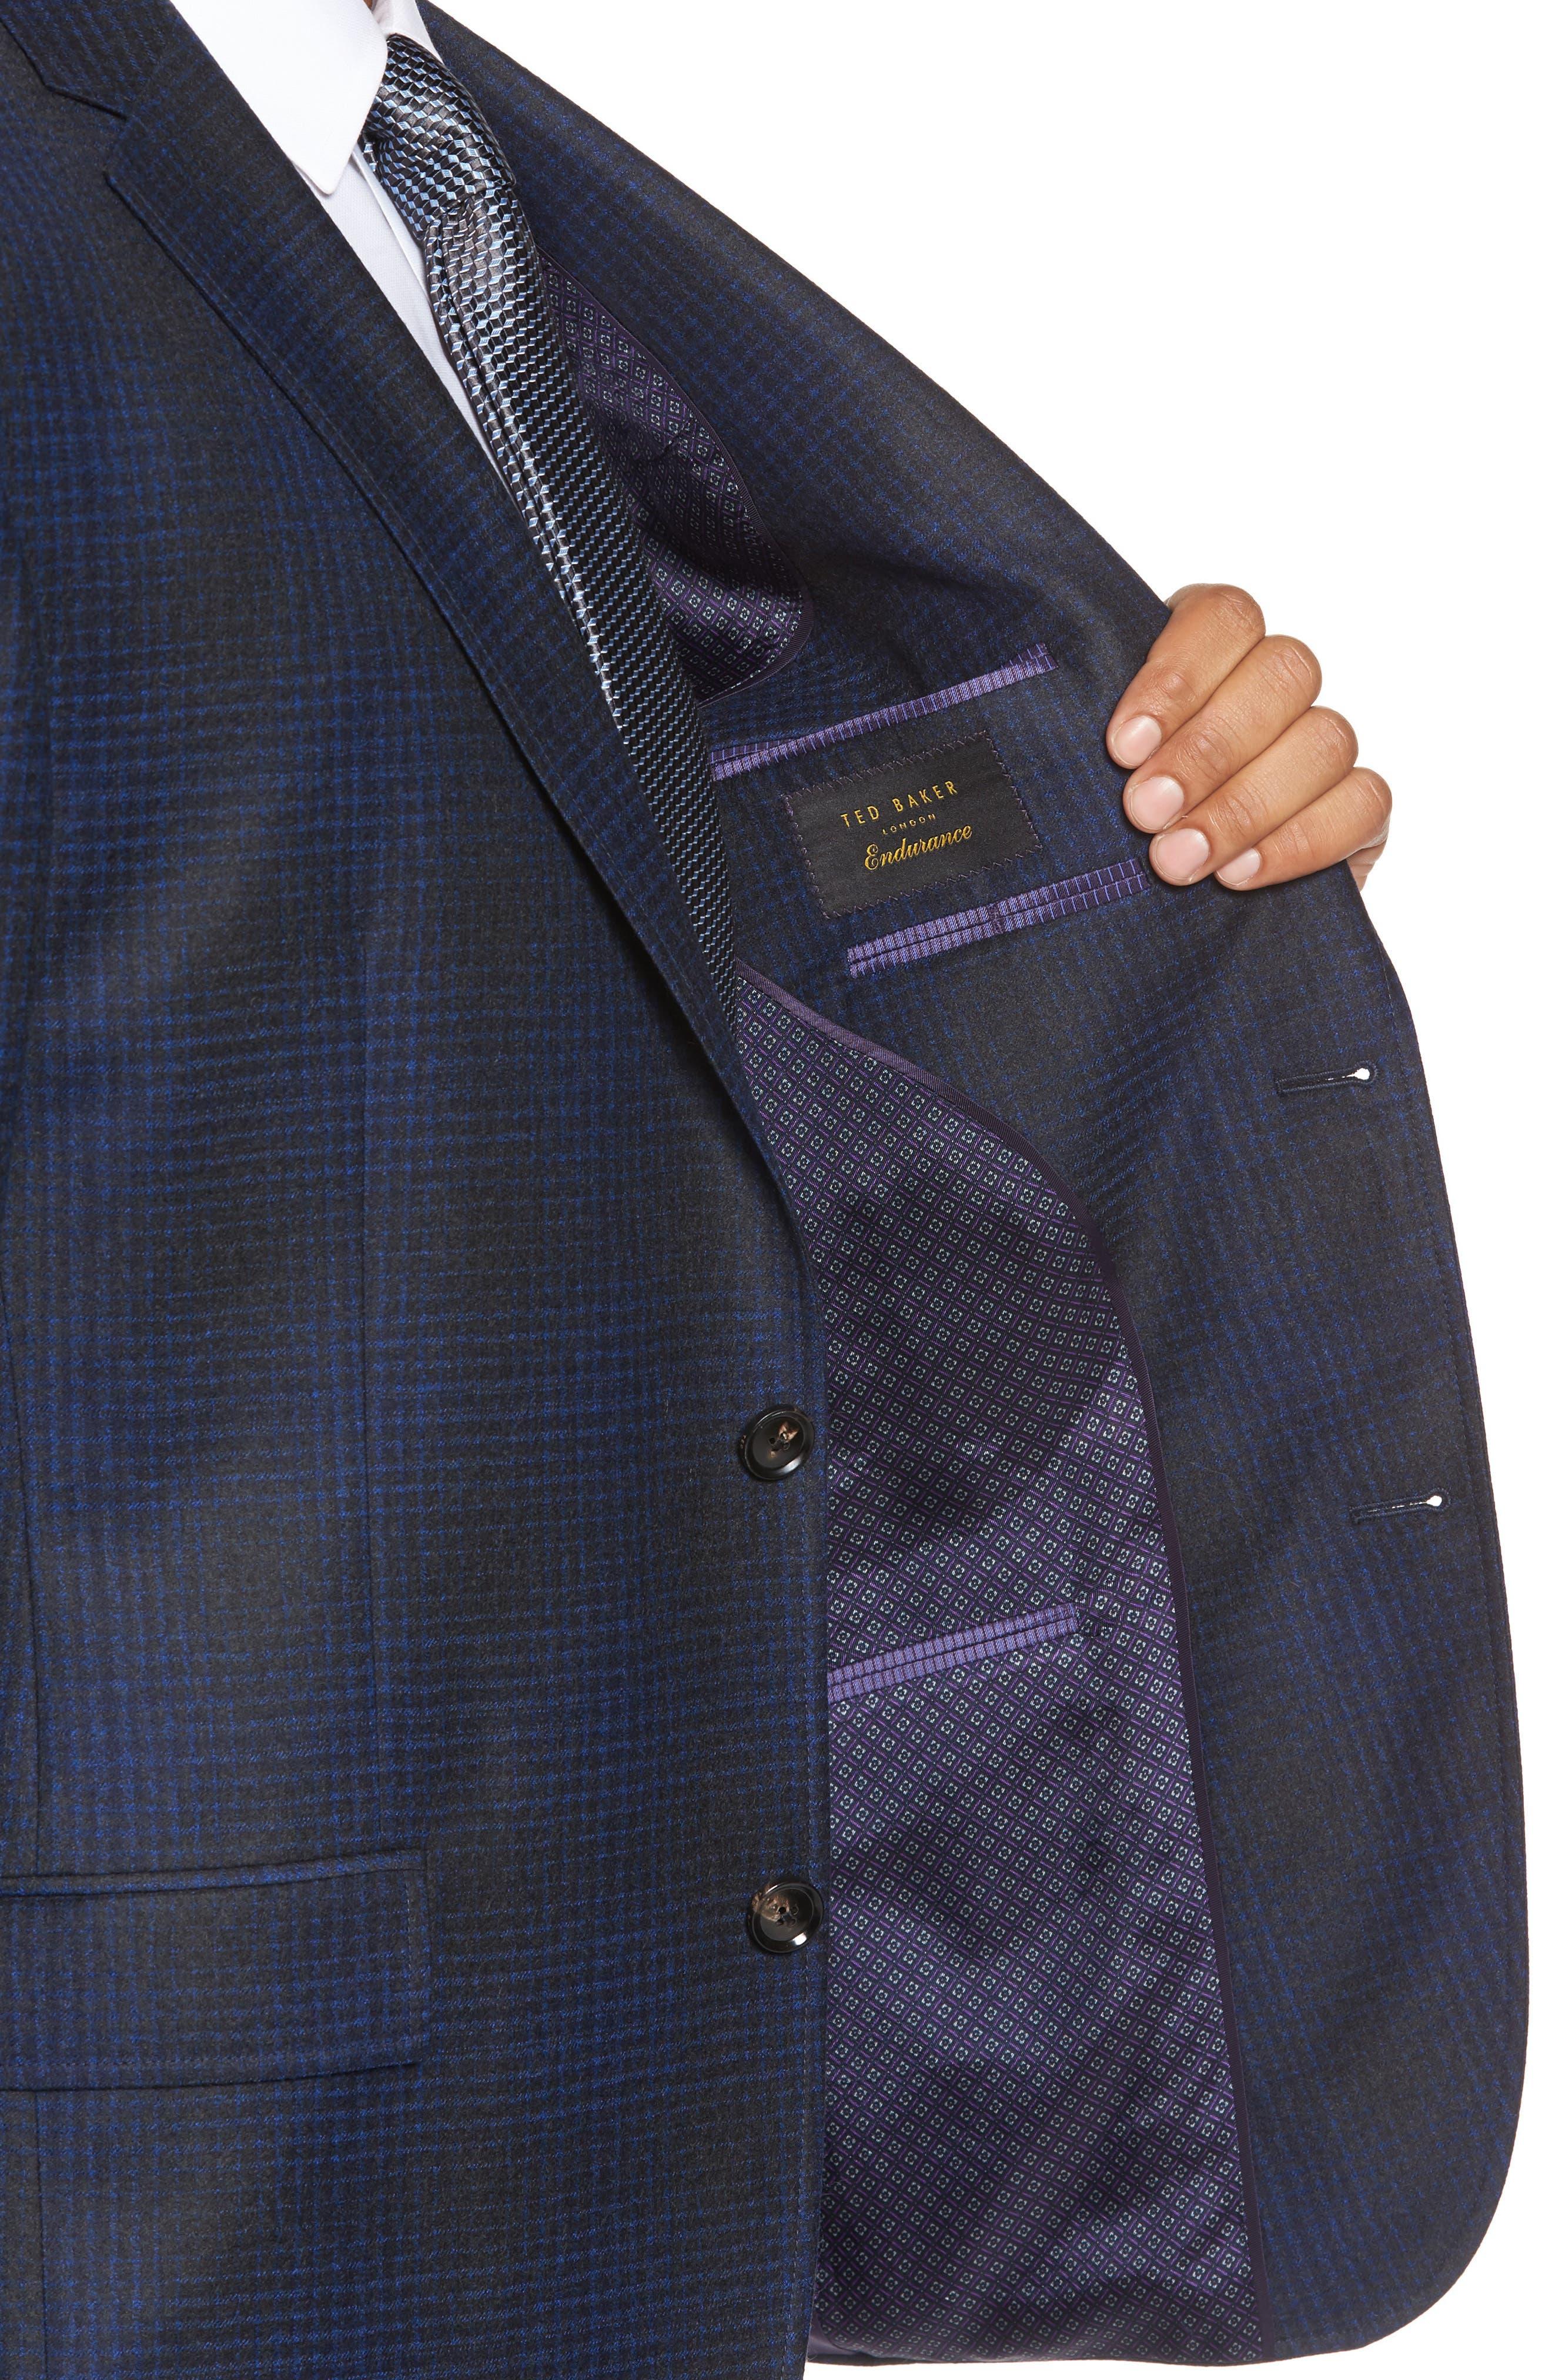 Trim Fit Plaid Wool Sport Coat,                             Alternate thumbnail 4, color,                             010